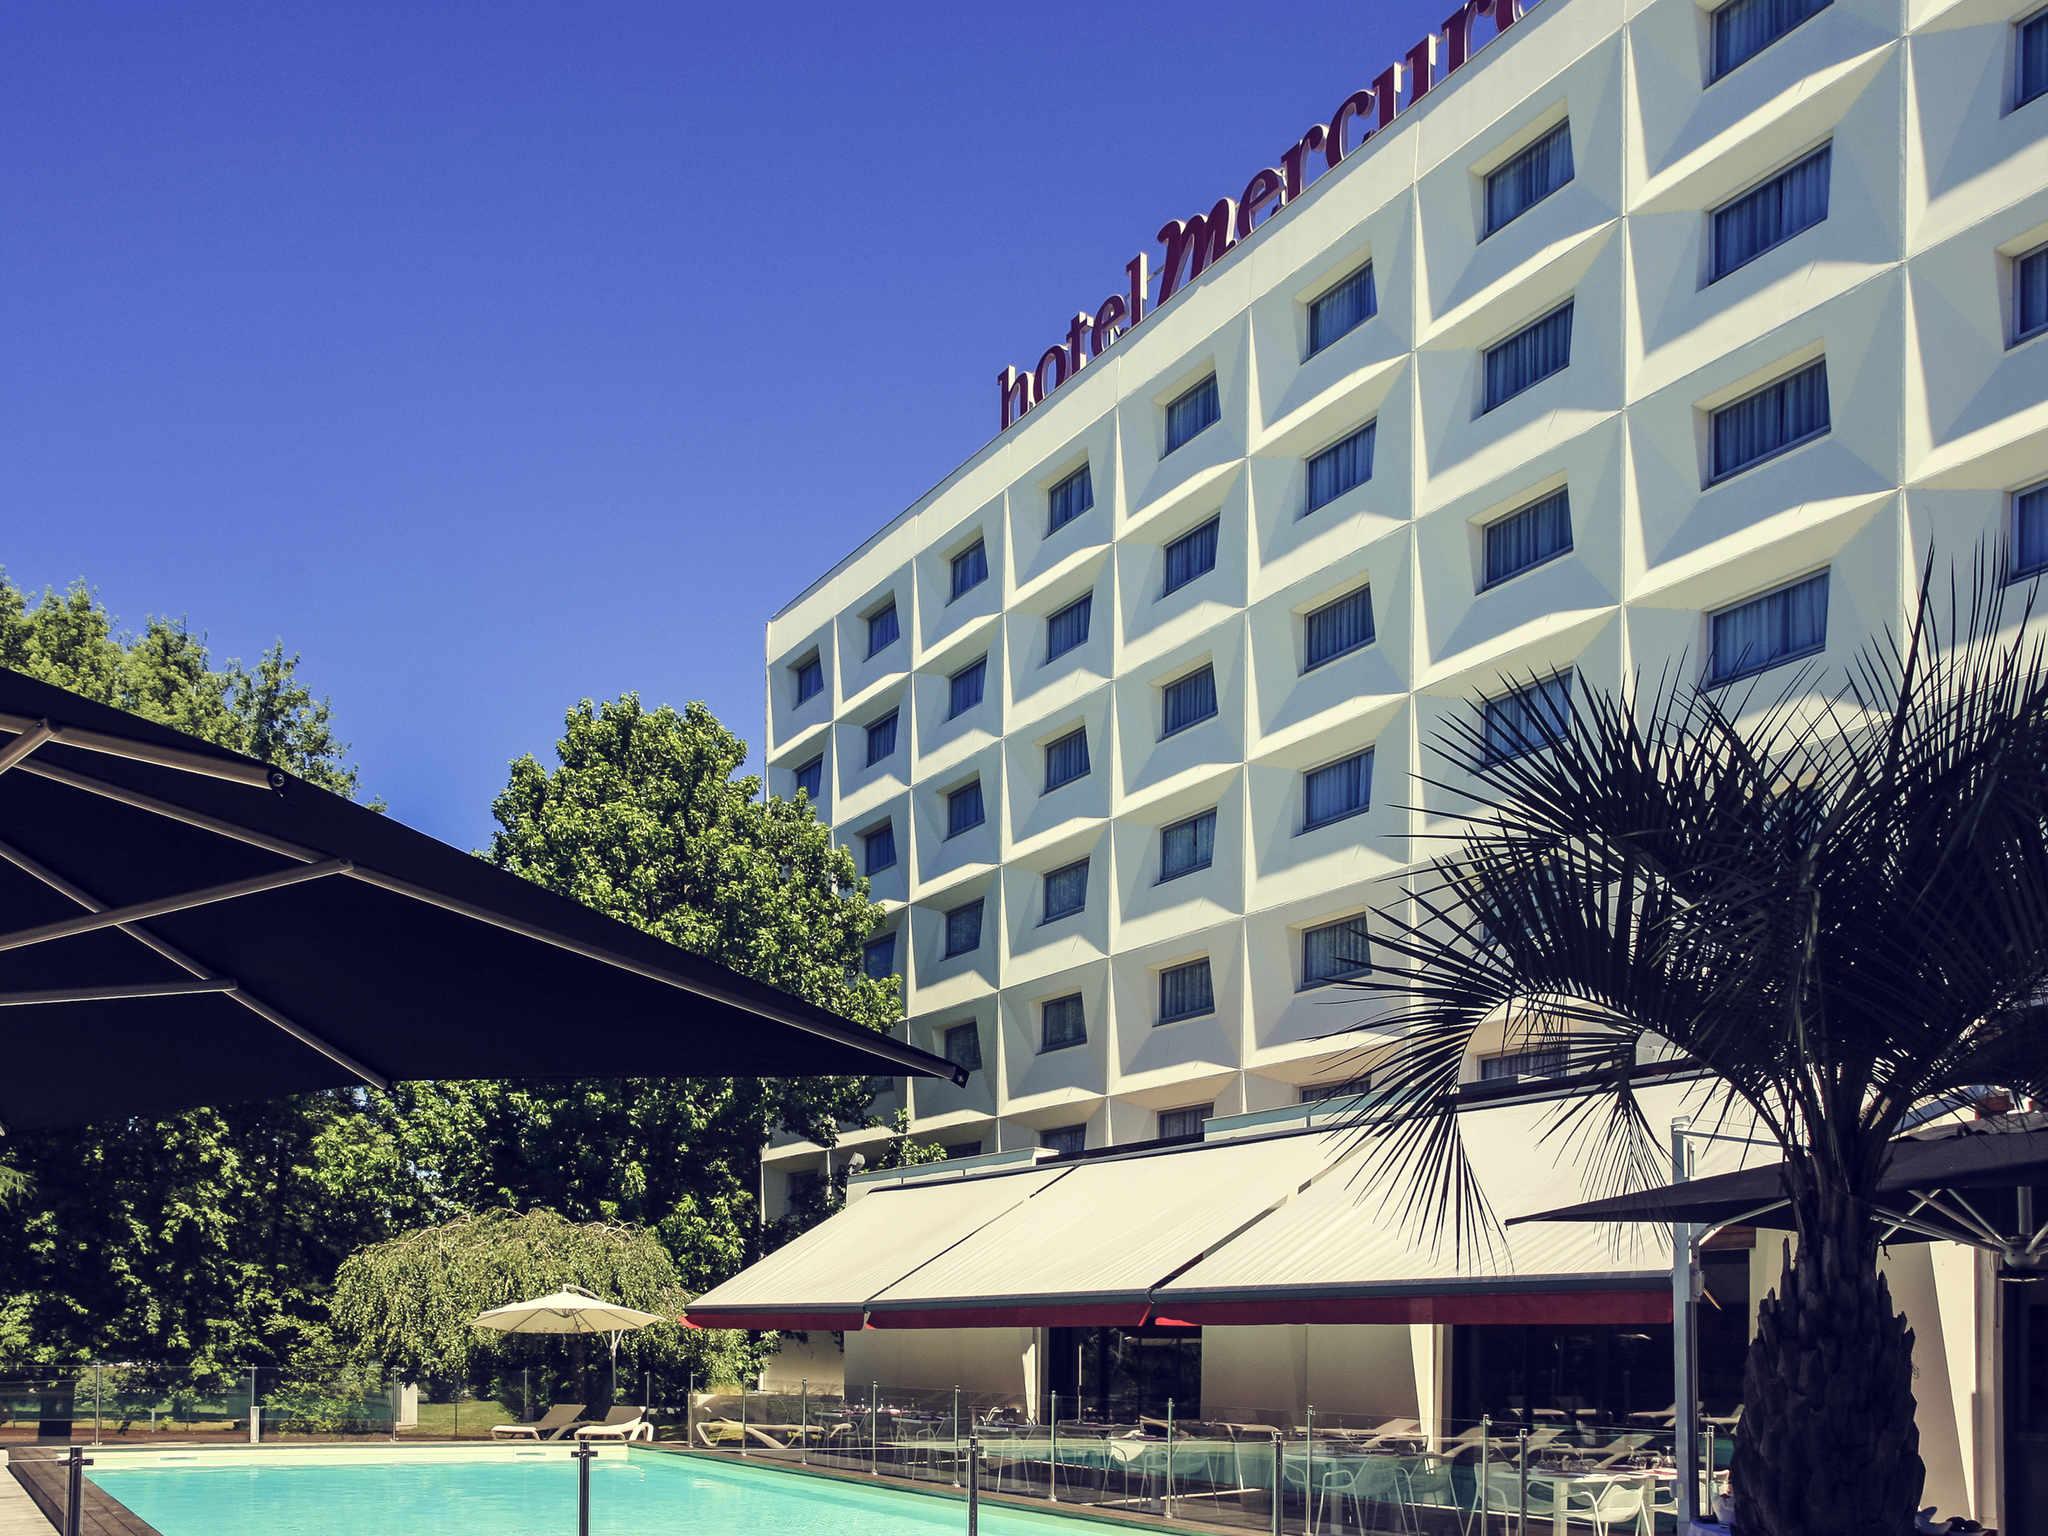 Otel – Hôtel Mercure Bordeaux Lac